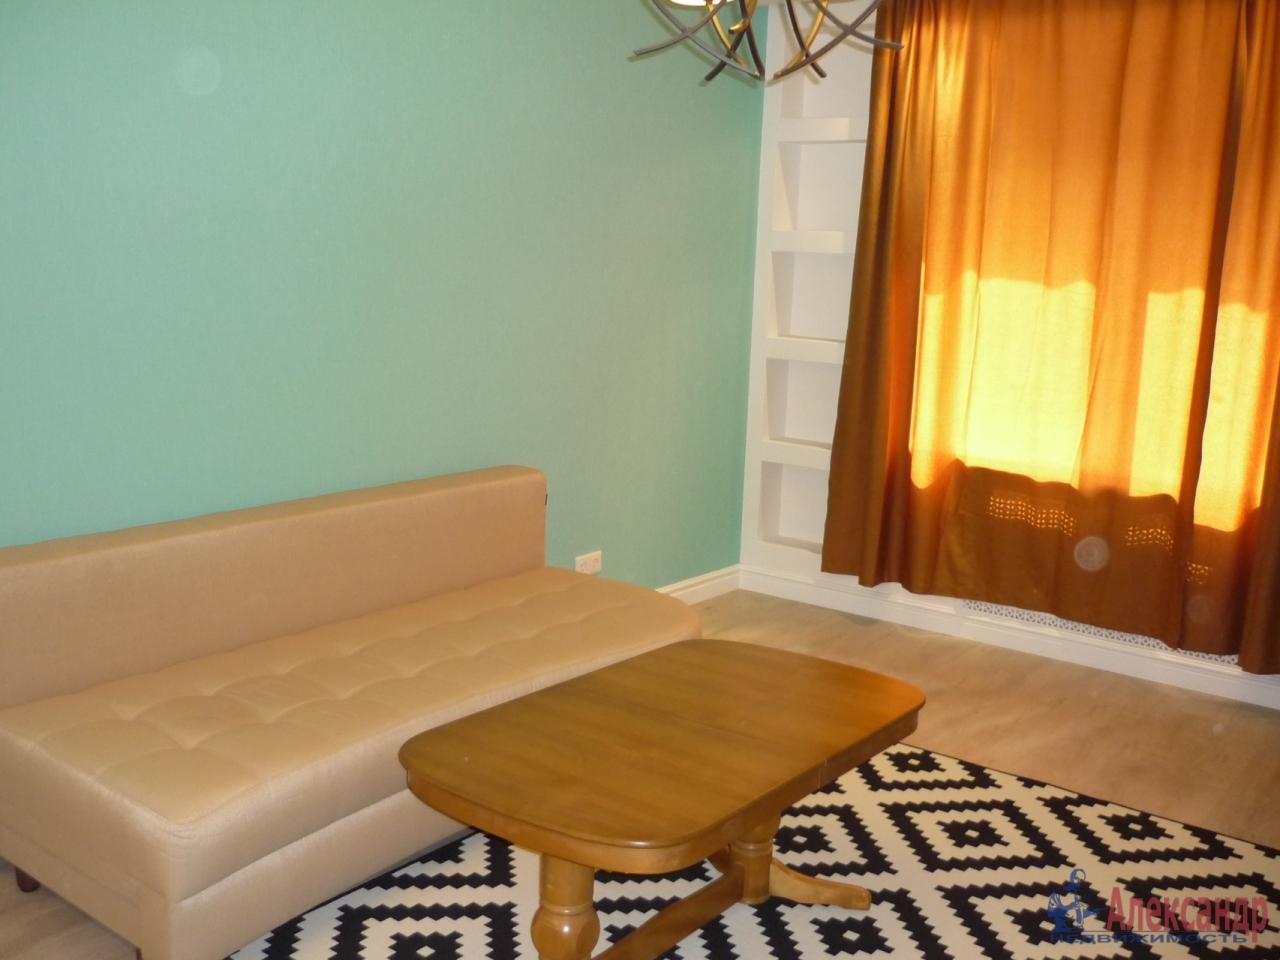 2-комнатная квартира (72м2) в аренду по адресу Кременчугская ул., 9— фото 9 из 17